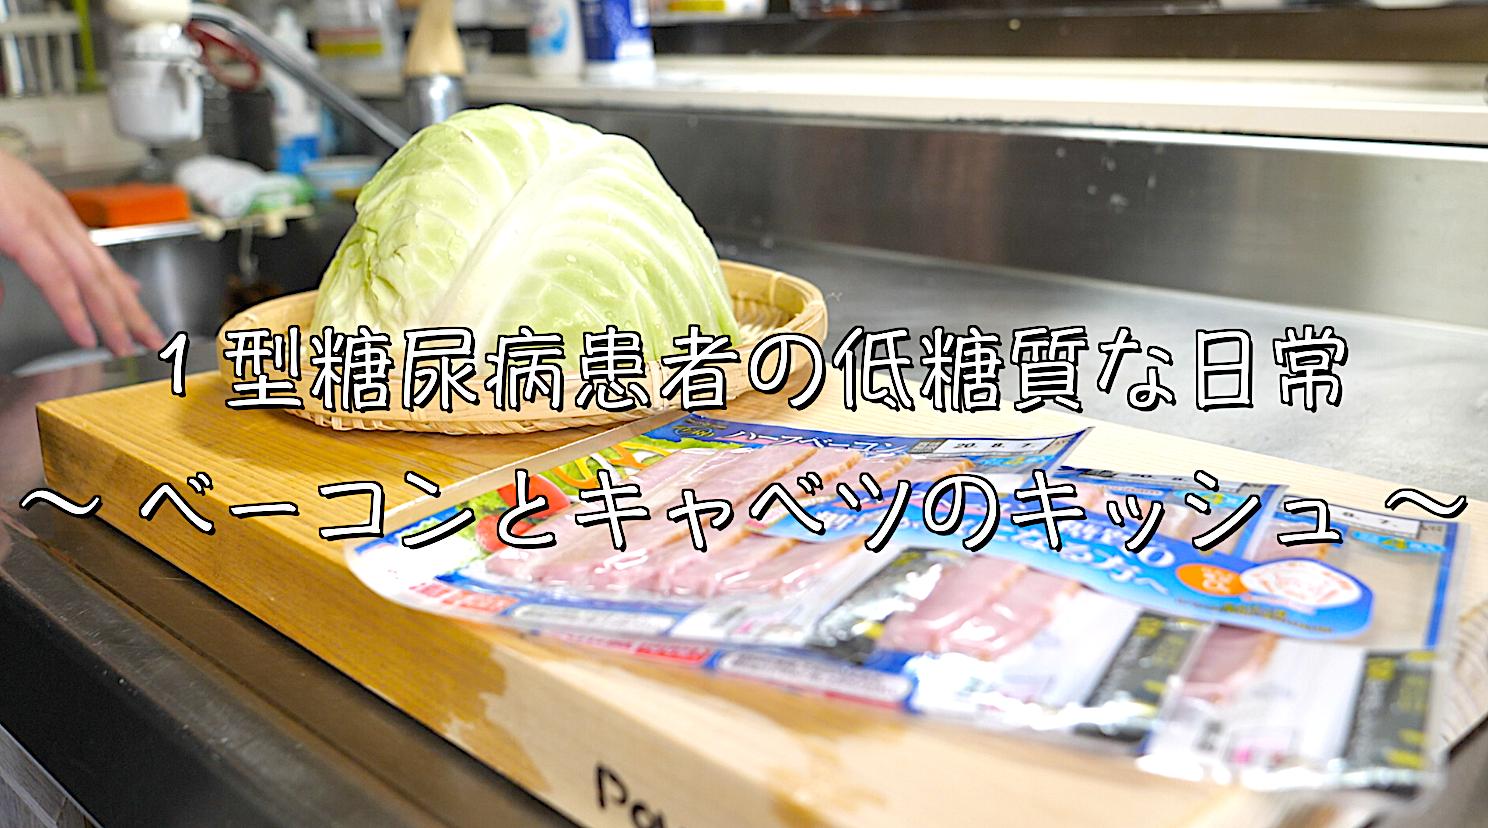 キッシュ レシピ 簡単